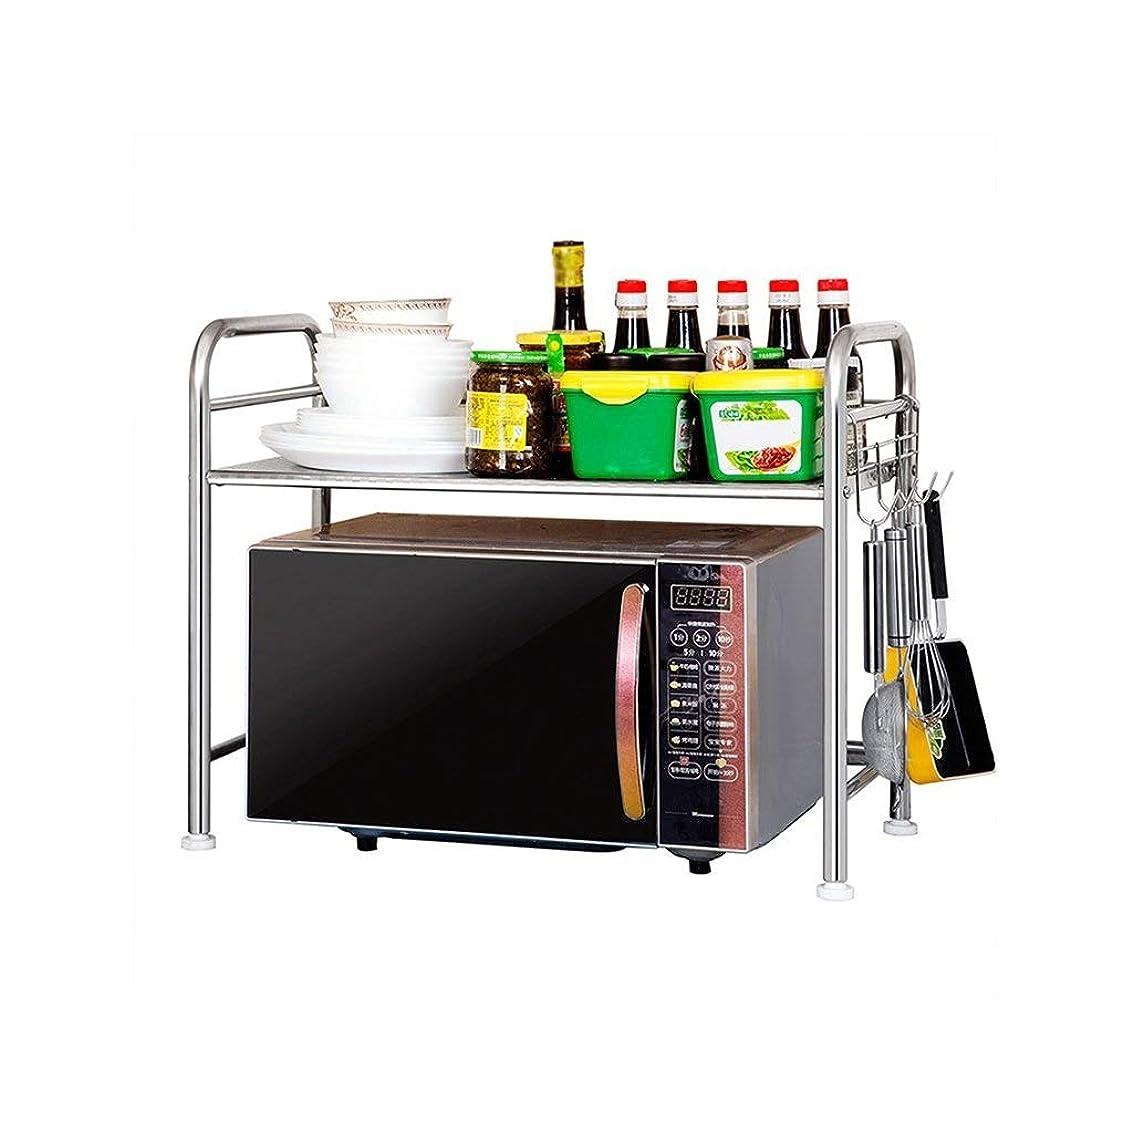 不健康アミューズグリップDJJSGSB キッチン収納 キッチン調味料ラック電子レンジラックオーブンラックストレージラック2段ステンレス鋼フック付き多機能ストレージポットラック